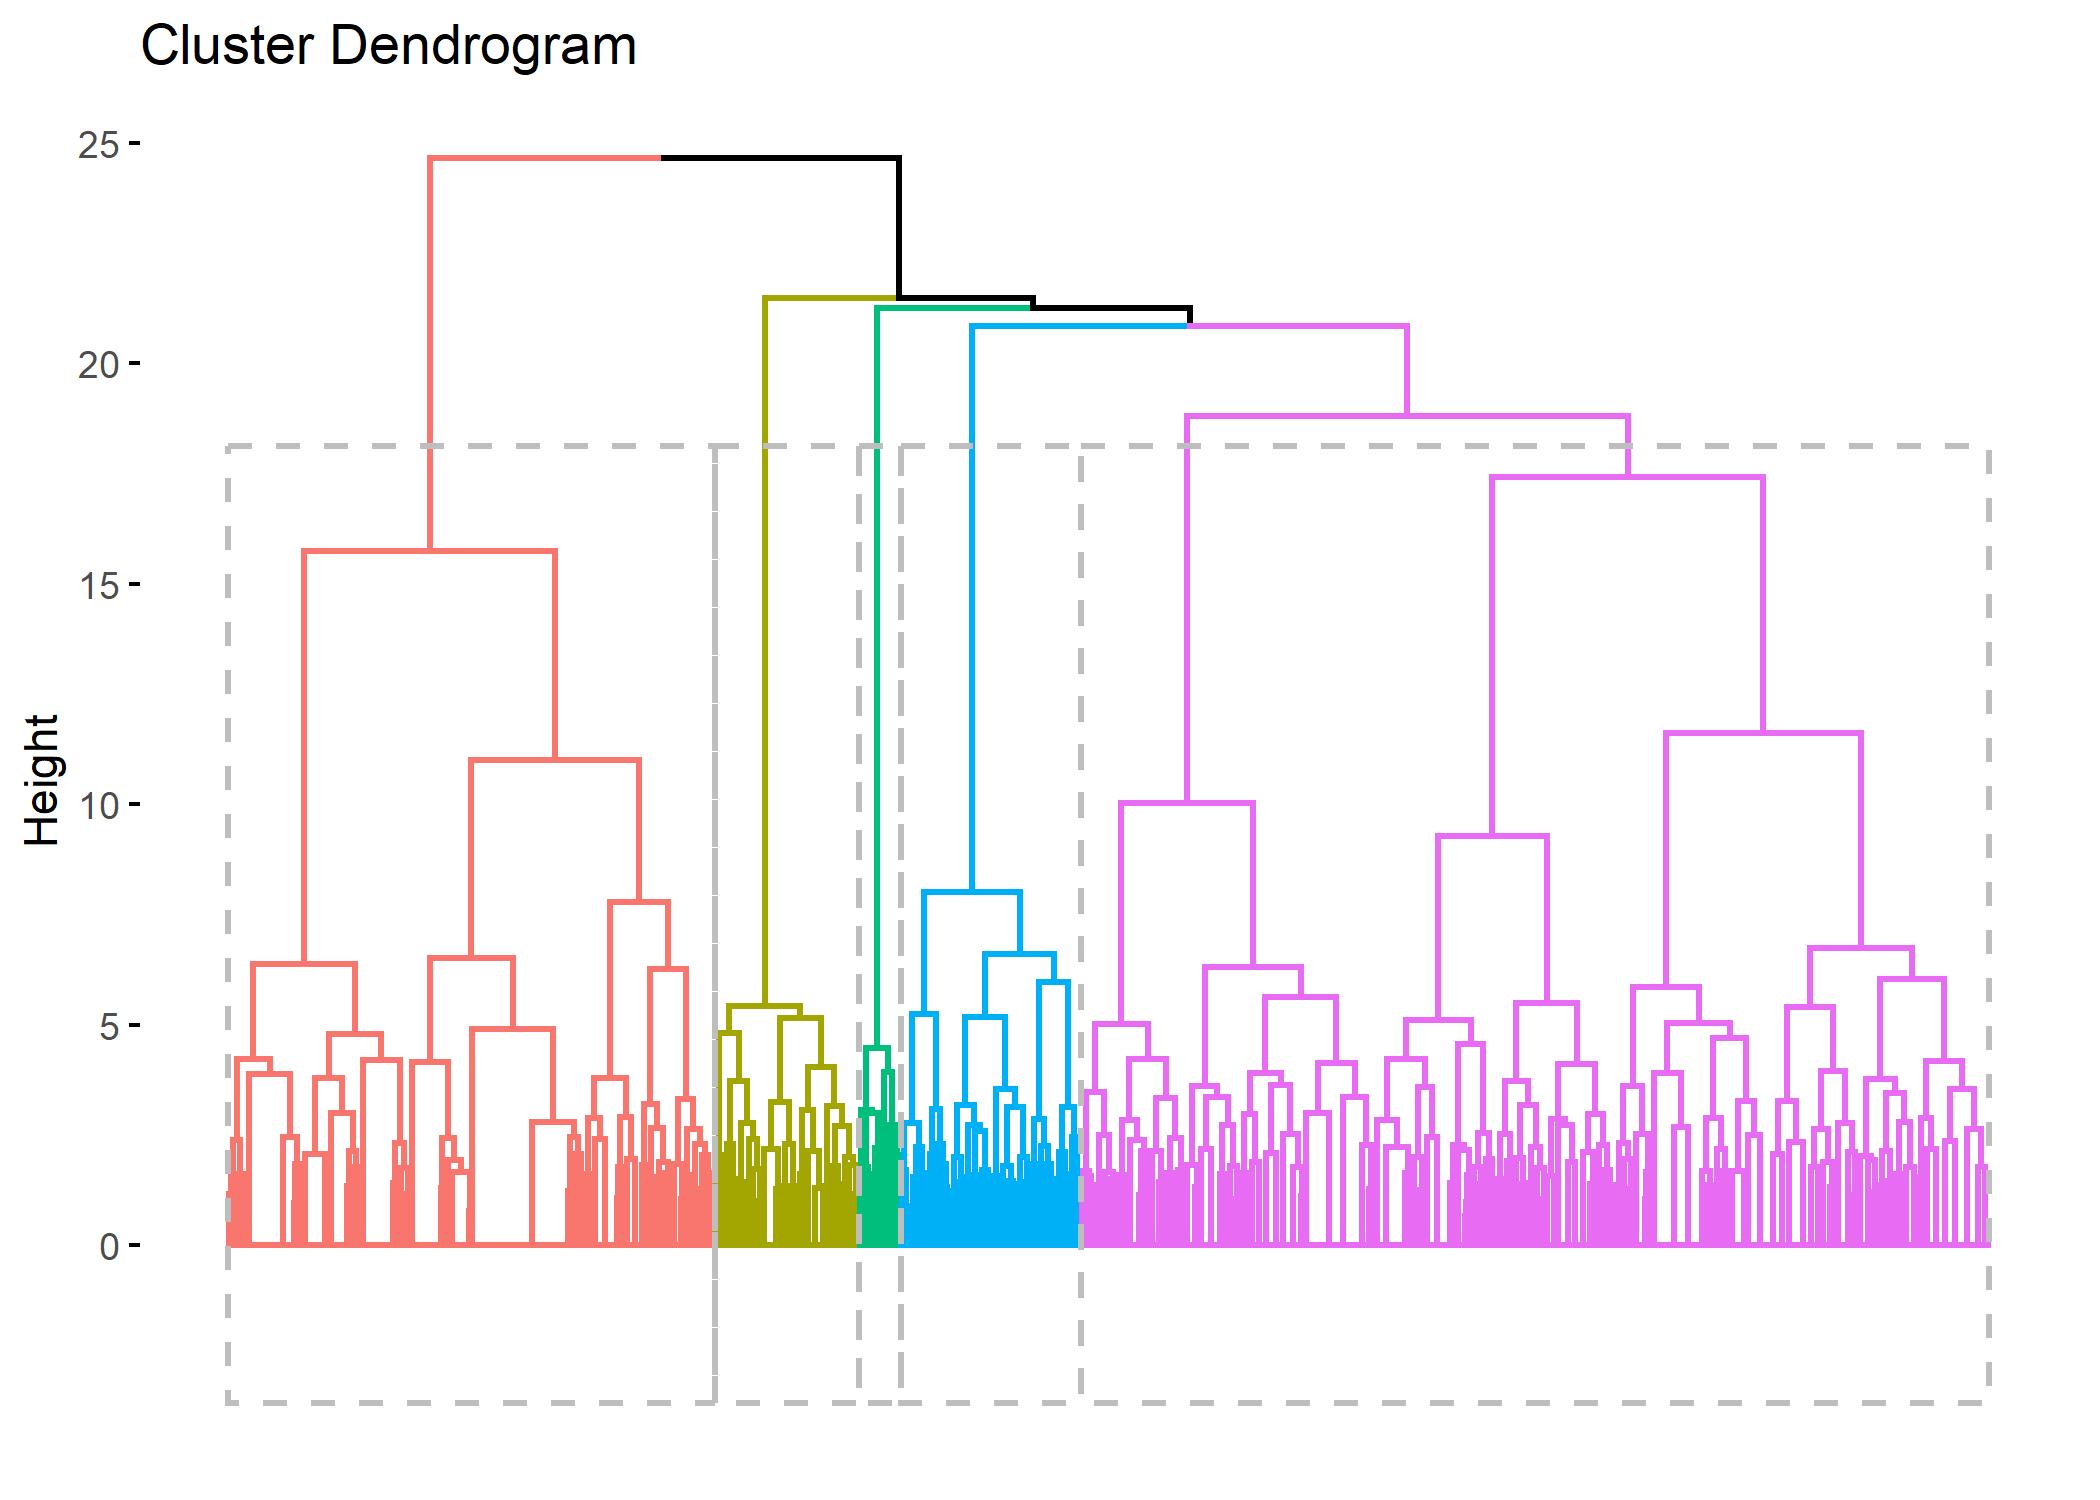 Classification ascendante hiérarchique (CAH) f5fac082631